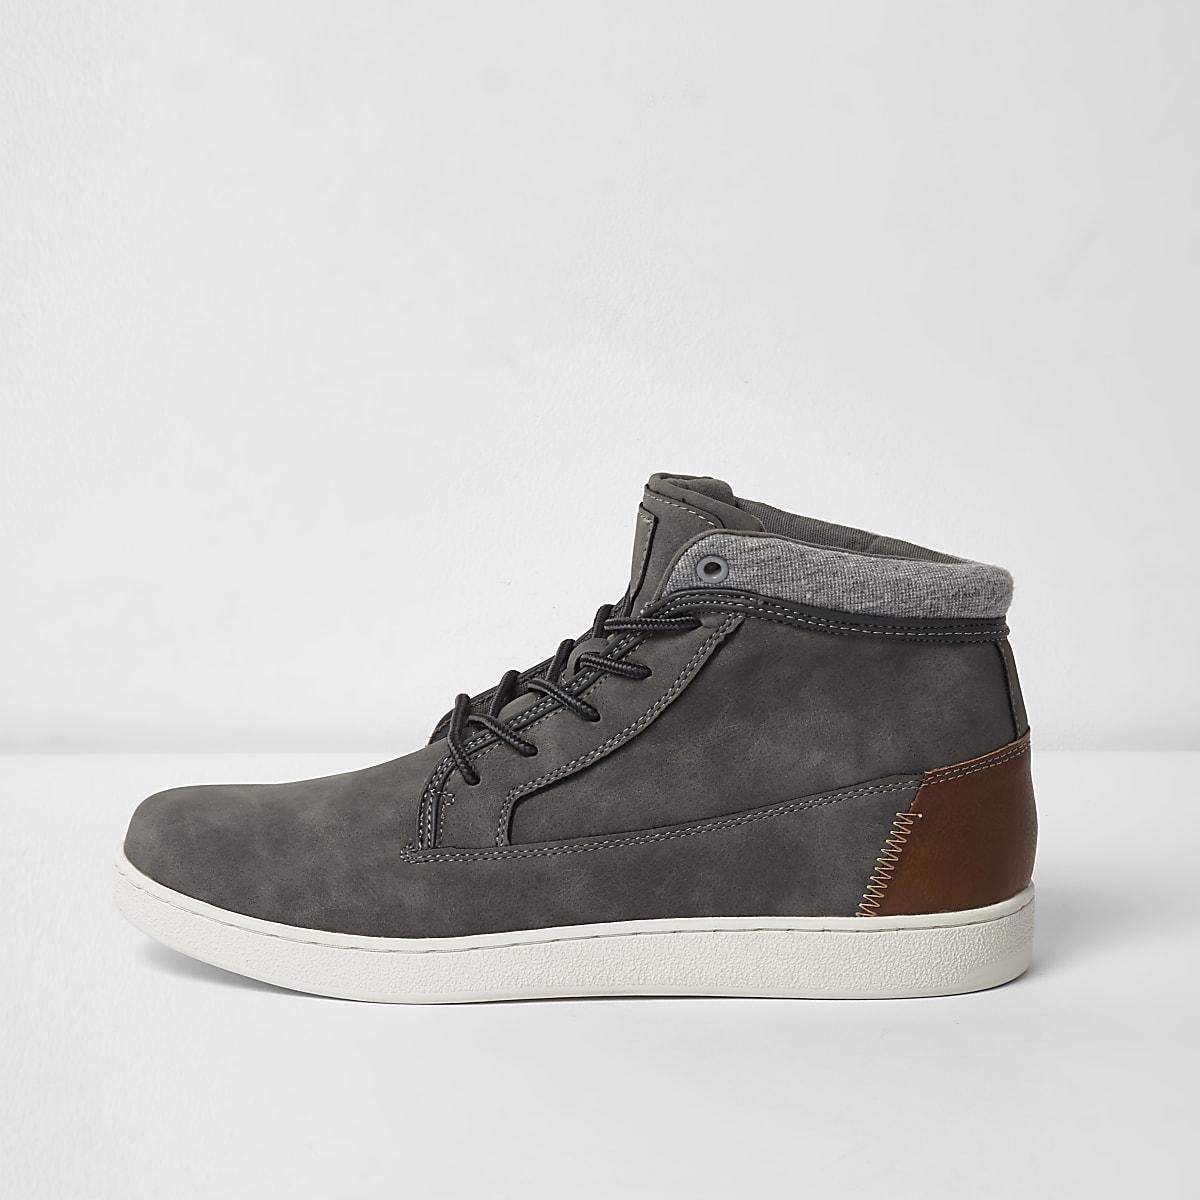 Graue, hohe Sneakers